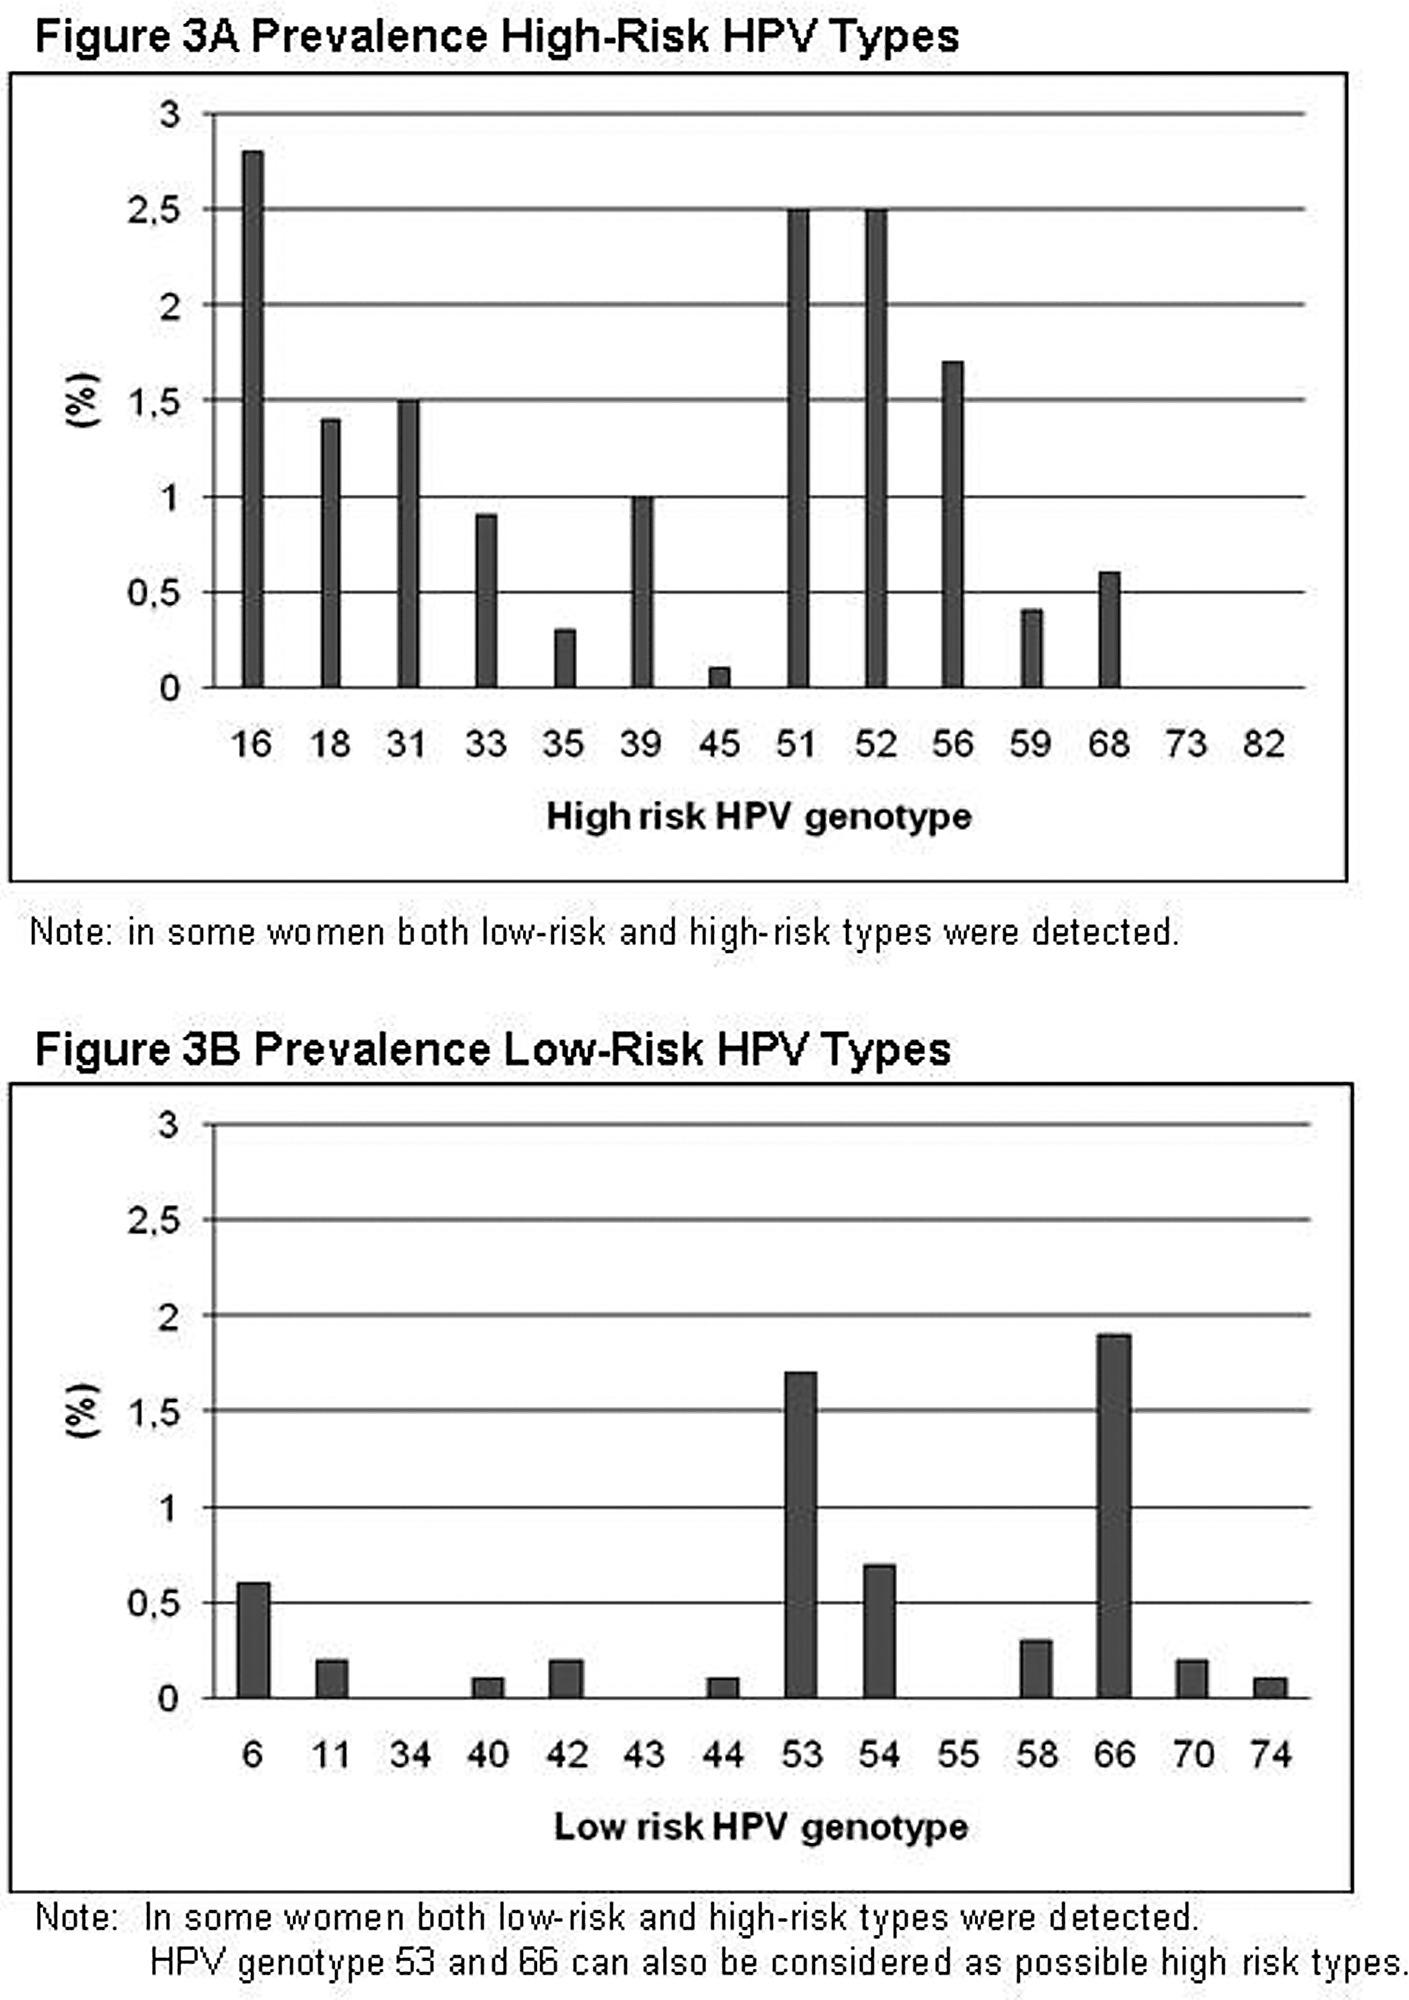 hpv high risk typ 16